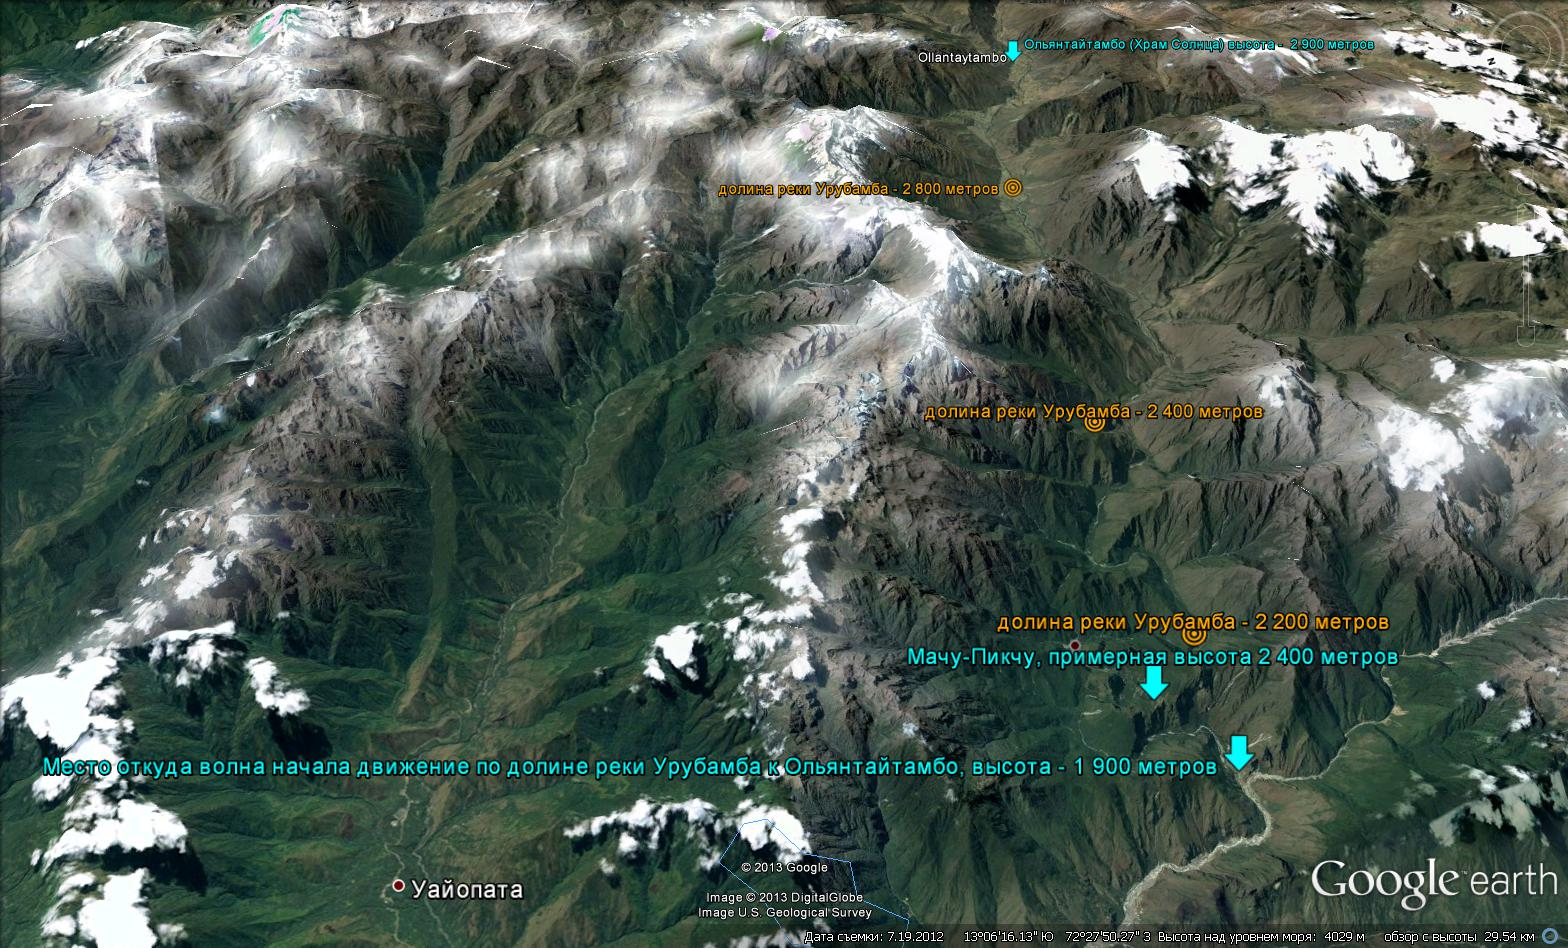 Топография долины реки Урубамбы западнее Ольянтайтамбо и археологических комплексов Мачу-Пикчу и Ольянтайтамбо